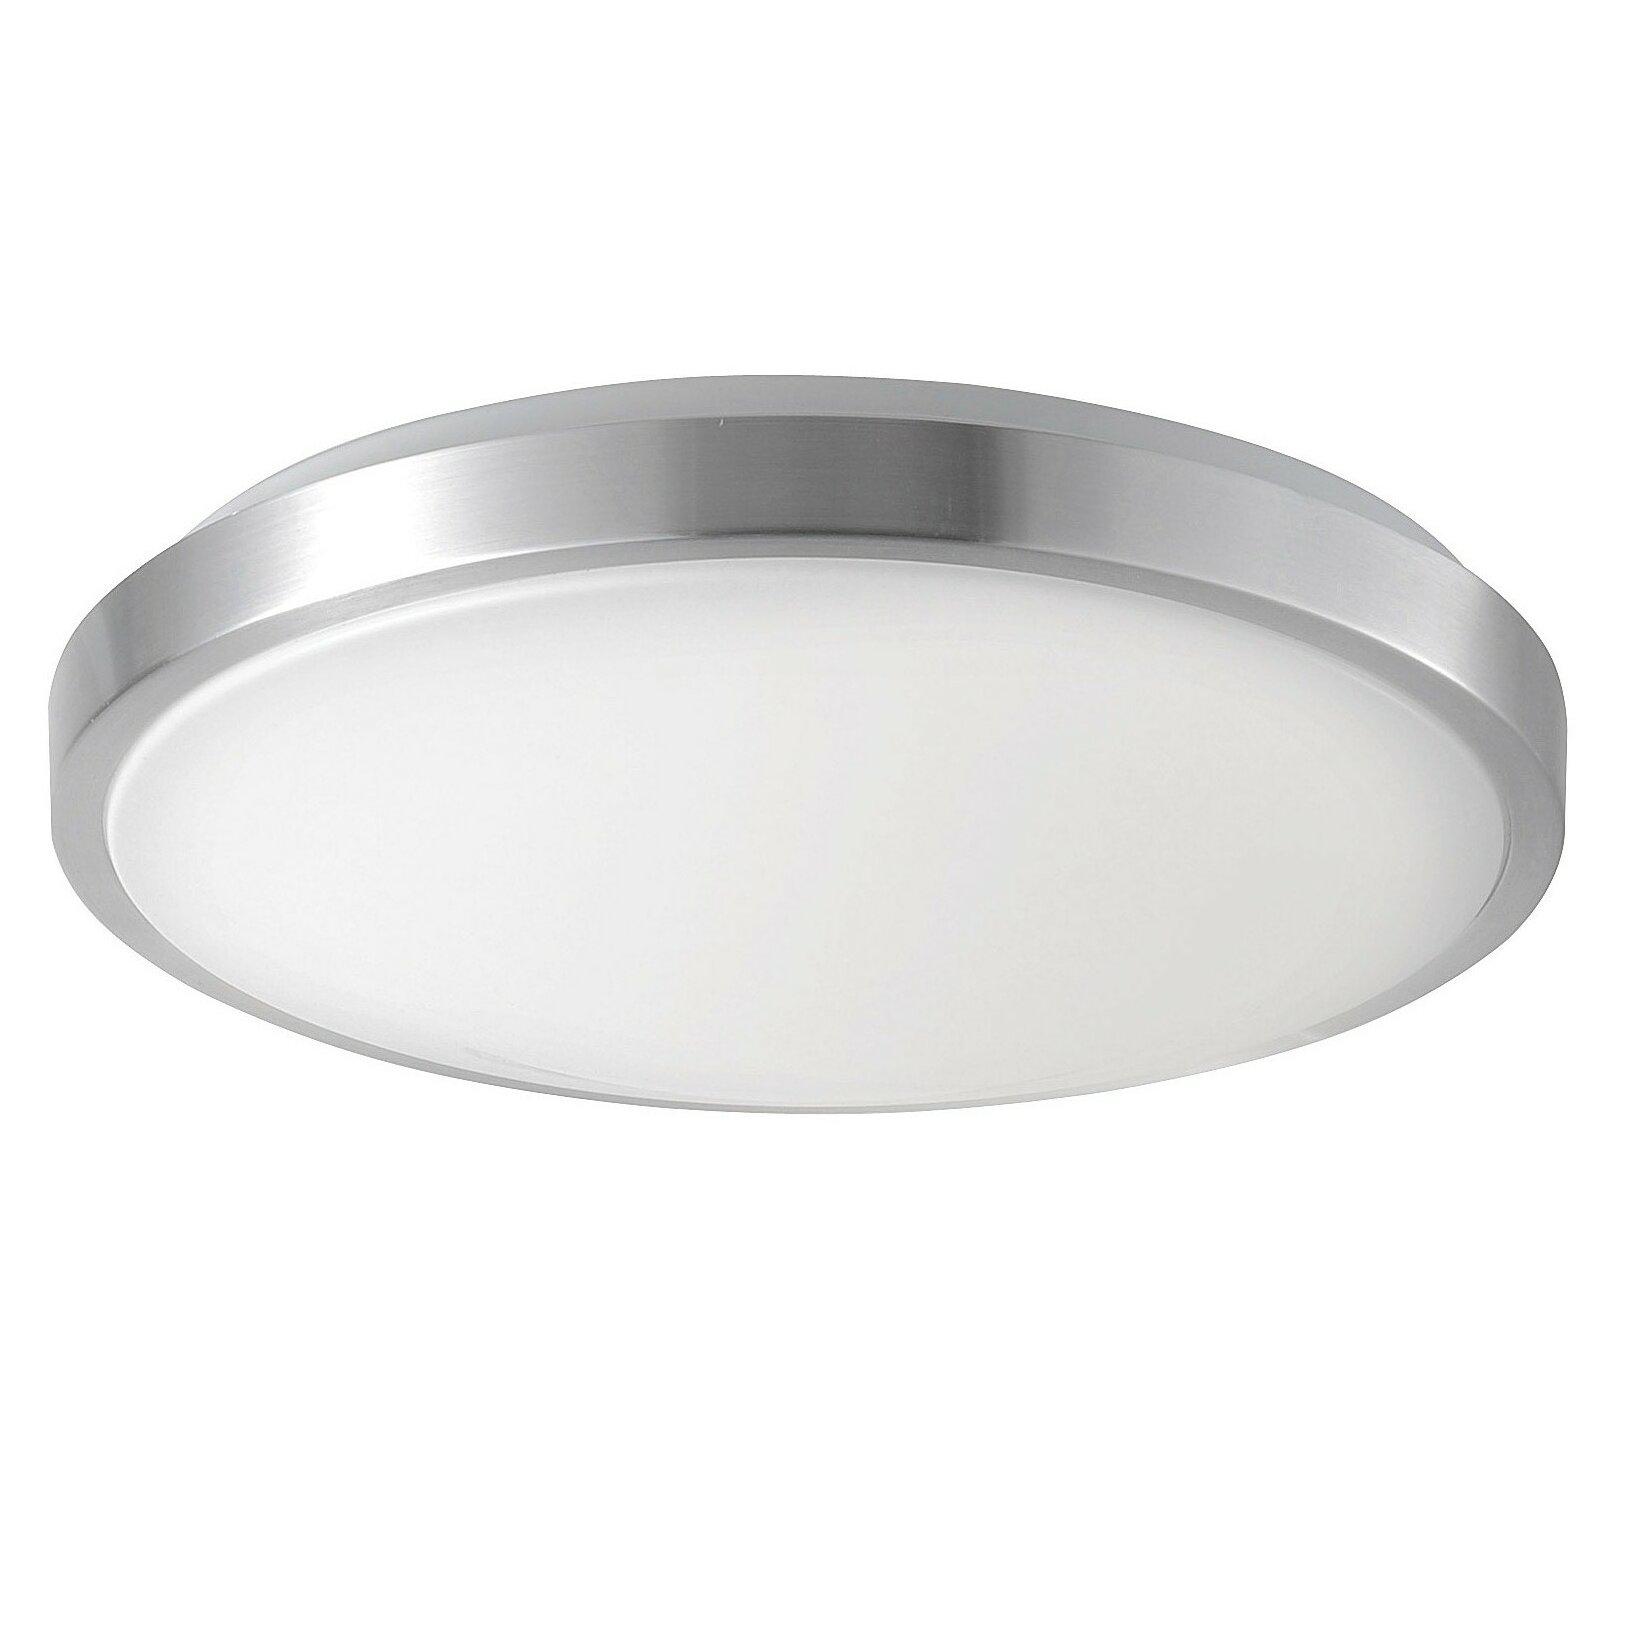 Leuchten direkt simscha led flush ceiling light reviews